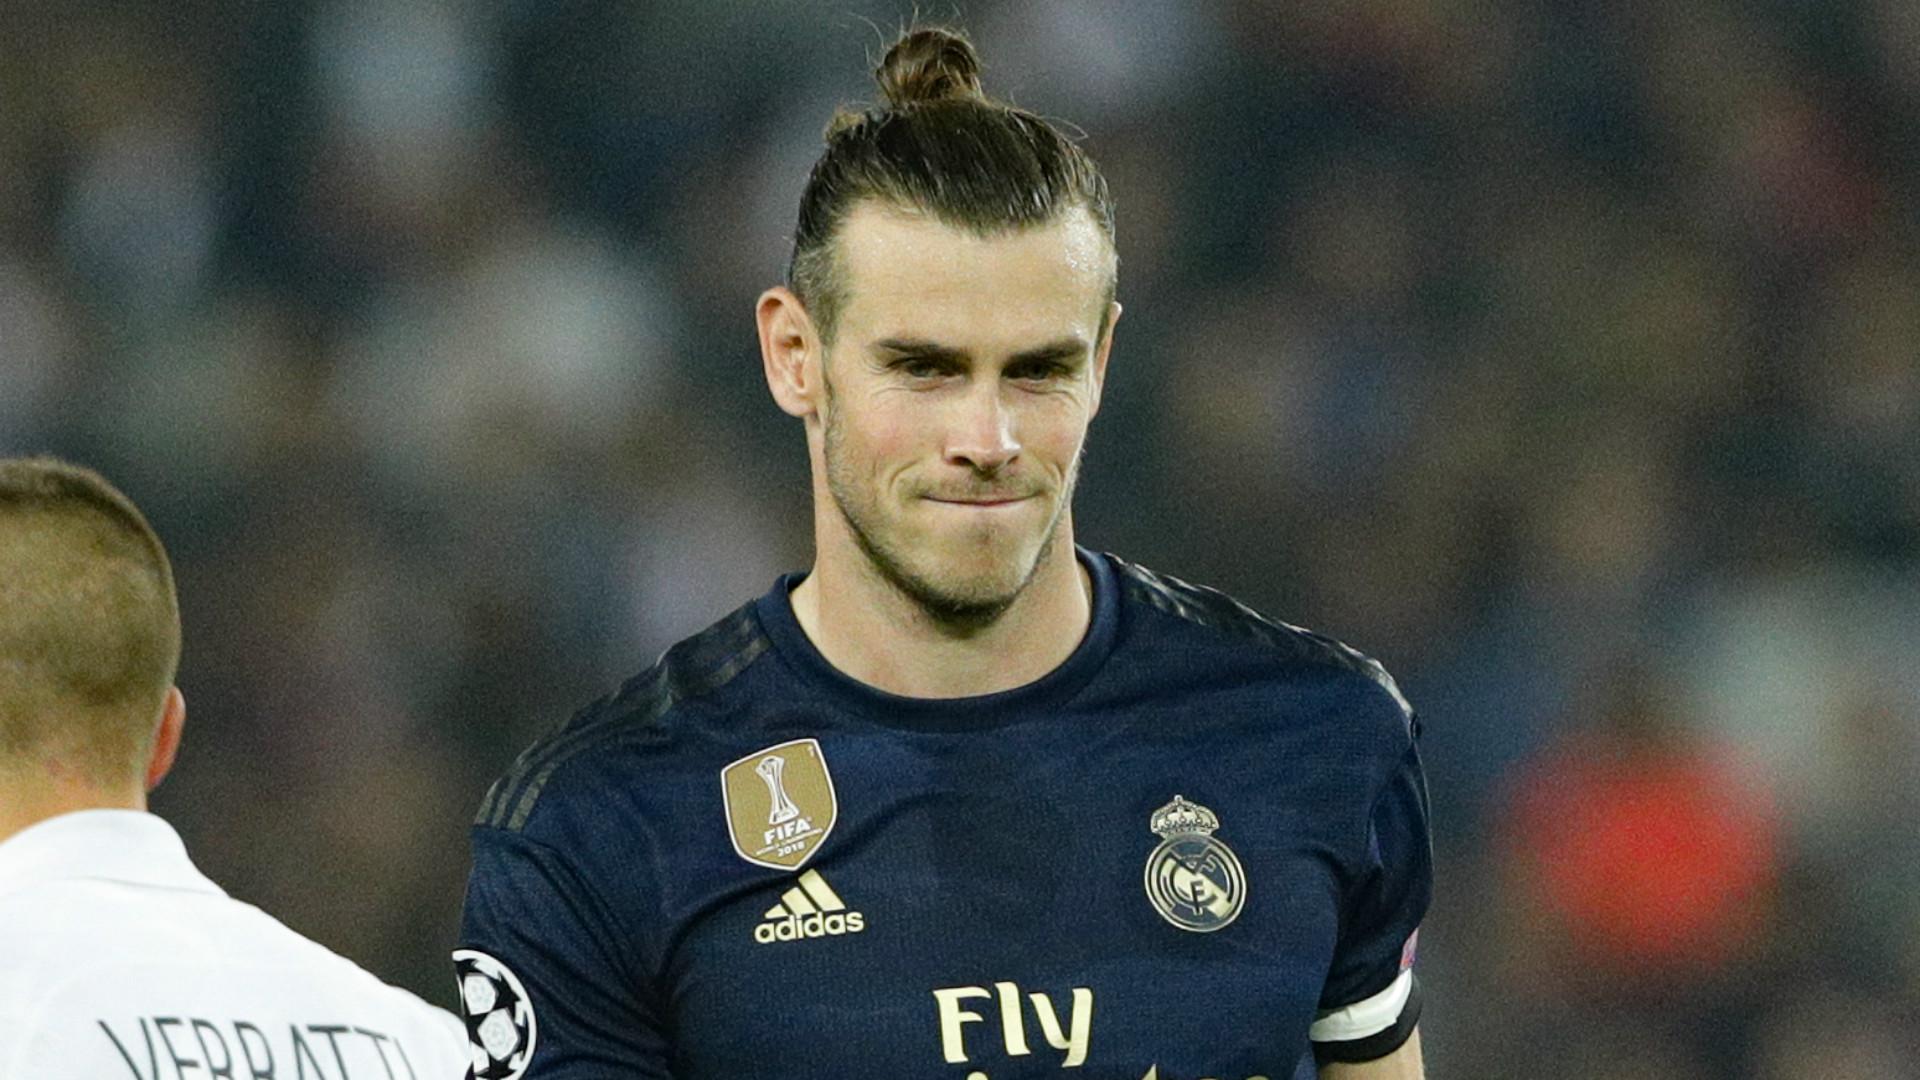 VIDÉO - Avant d'affronter le PSG, Bale a refusé de porter le fanion du Real Madrid